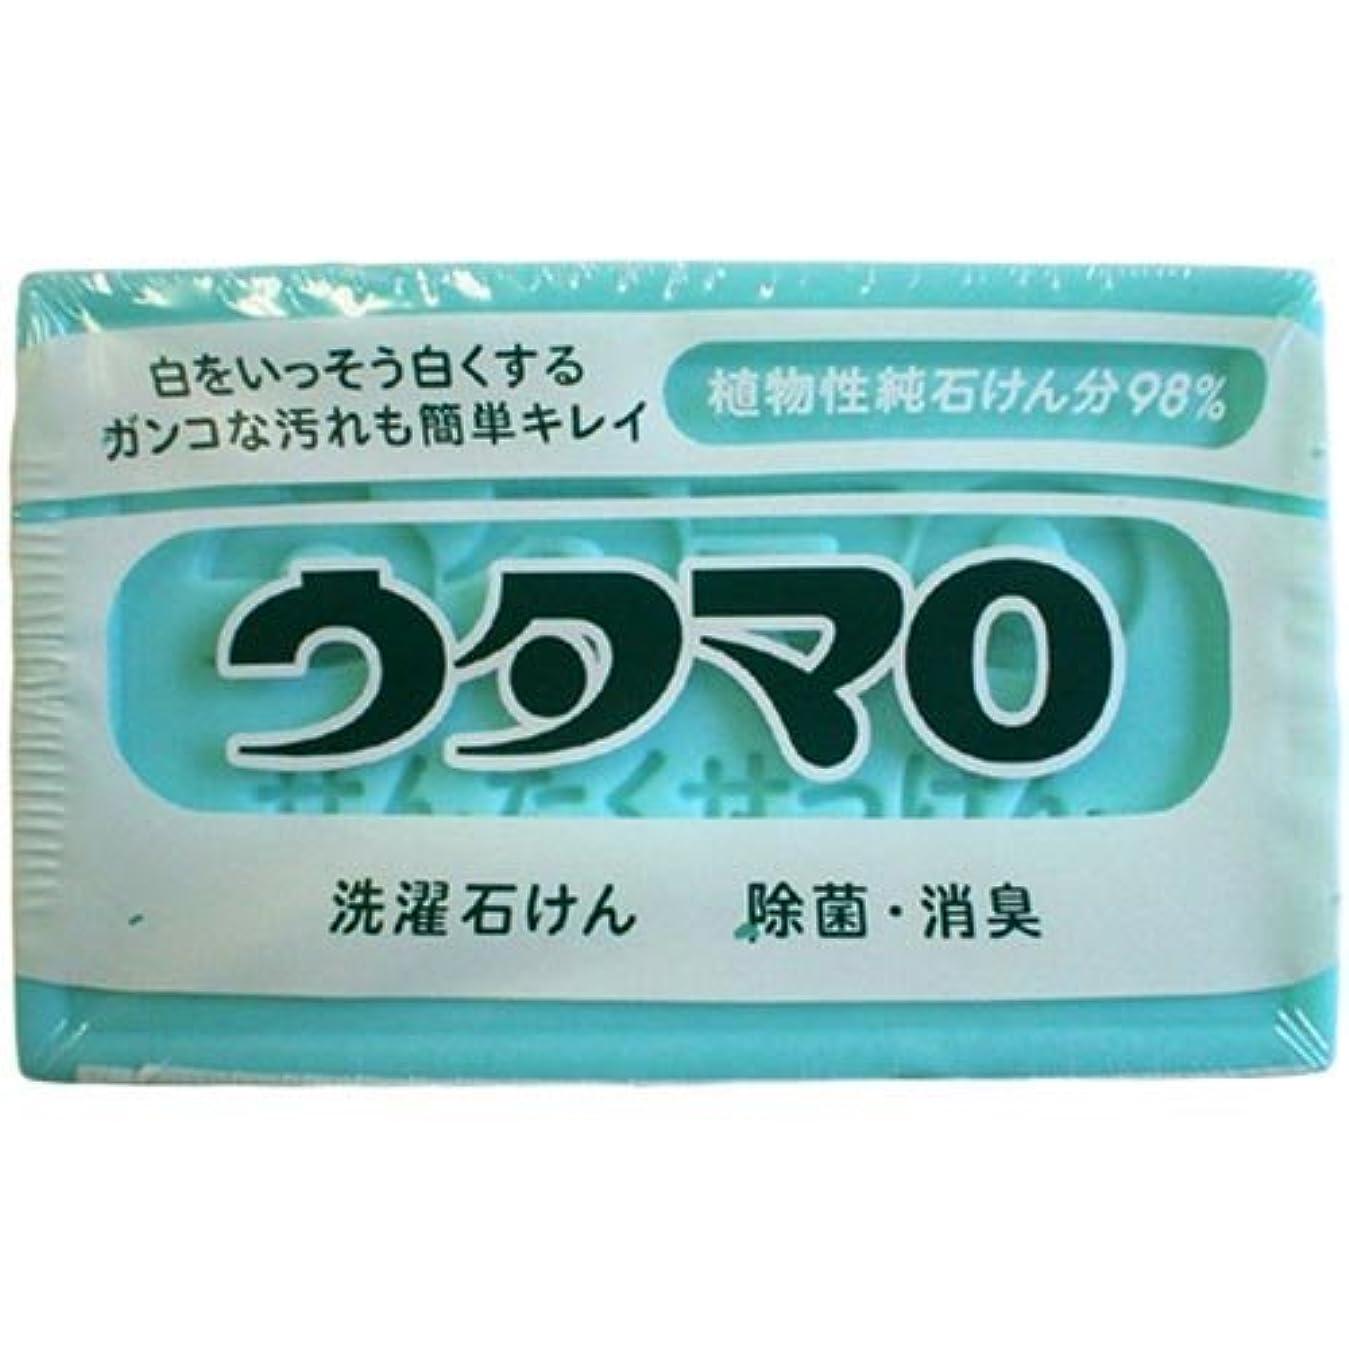 各ピラミッドサーキットに行く東邦 ウタマロ マホー石鹸 3個セット TO-SE3